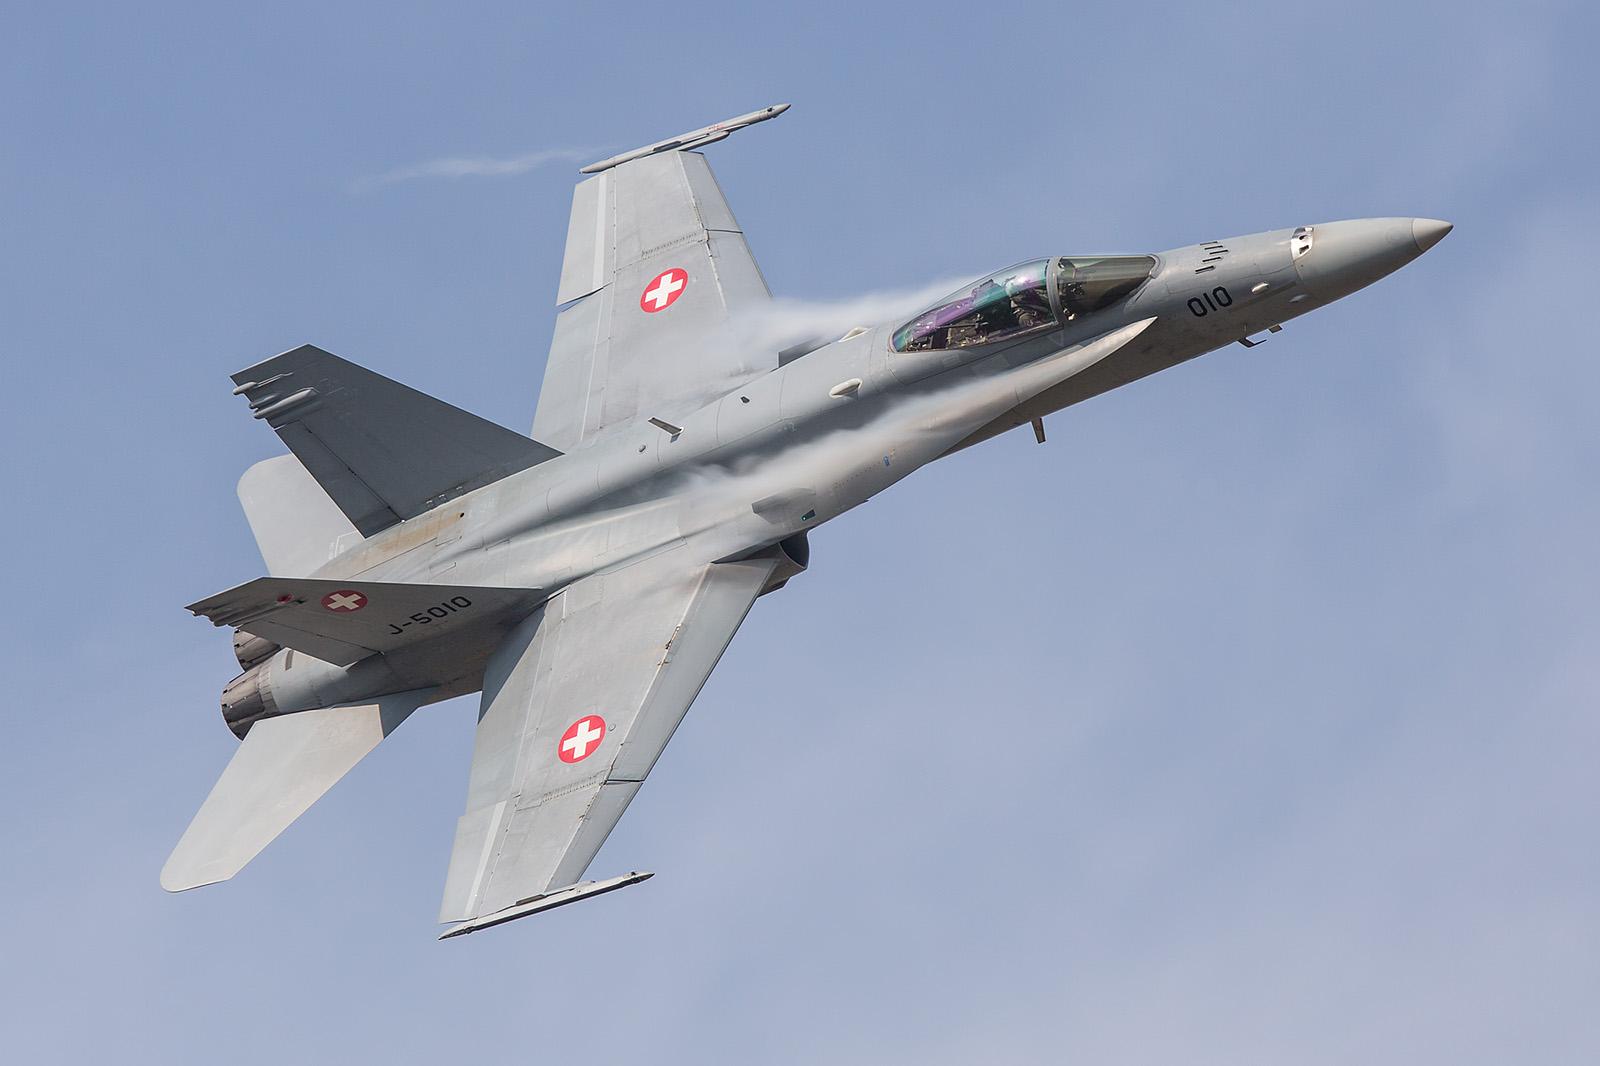 Präzise wie ein schweizer Uhrwerk, F-18 Solodisplay aus Payerne.